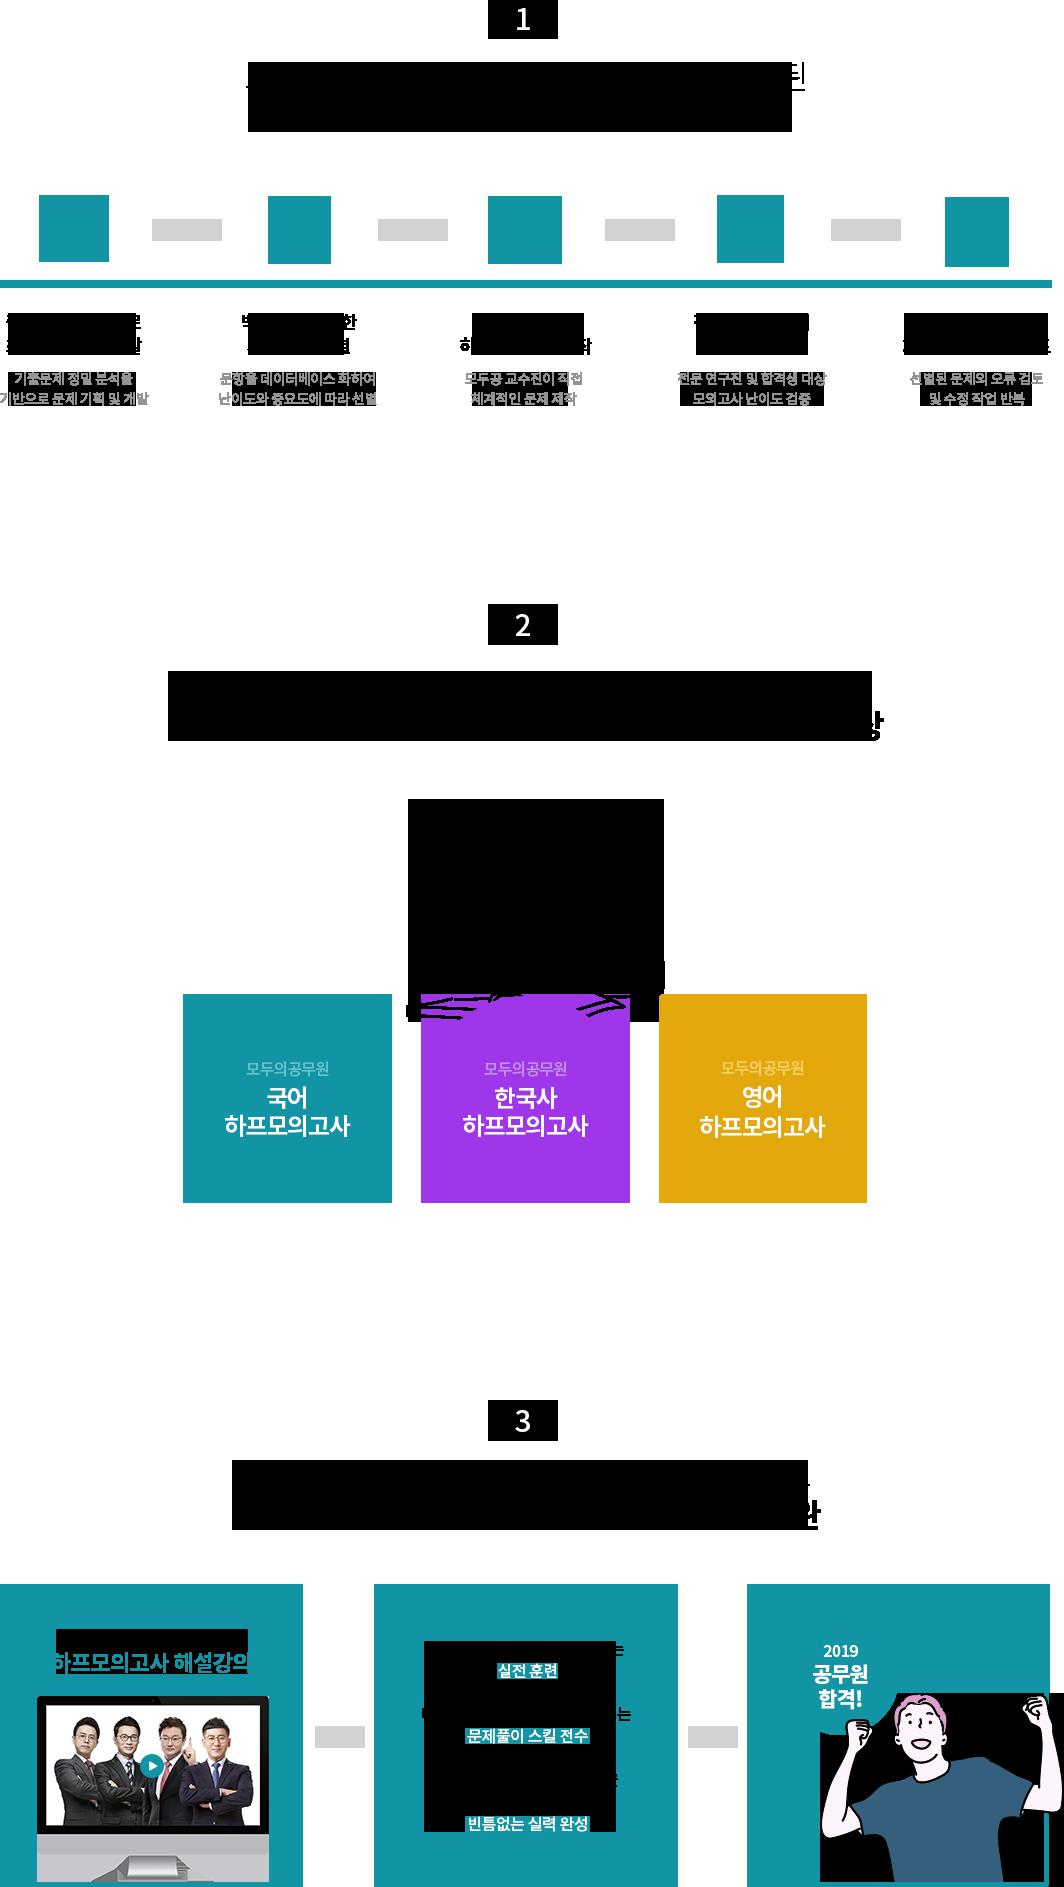 1. 모두공의 5단계 문제 개발 시스템으로 제작된 고퀄리티 하프모의고사 / 2. 꾸준한 하프모의고사 풀이를 통해 실제 시험까지 지속적인 시간 배분 훈련 및 실전 감각 향상 / 3. 문제를 제작한 교수진의 디테일한 해설강의로 개념 강화 및 문제풀이 스킬로 부족한 약점 보완